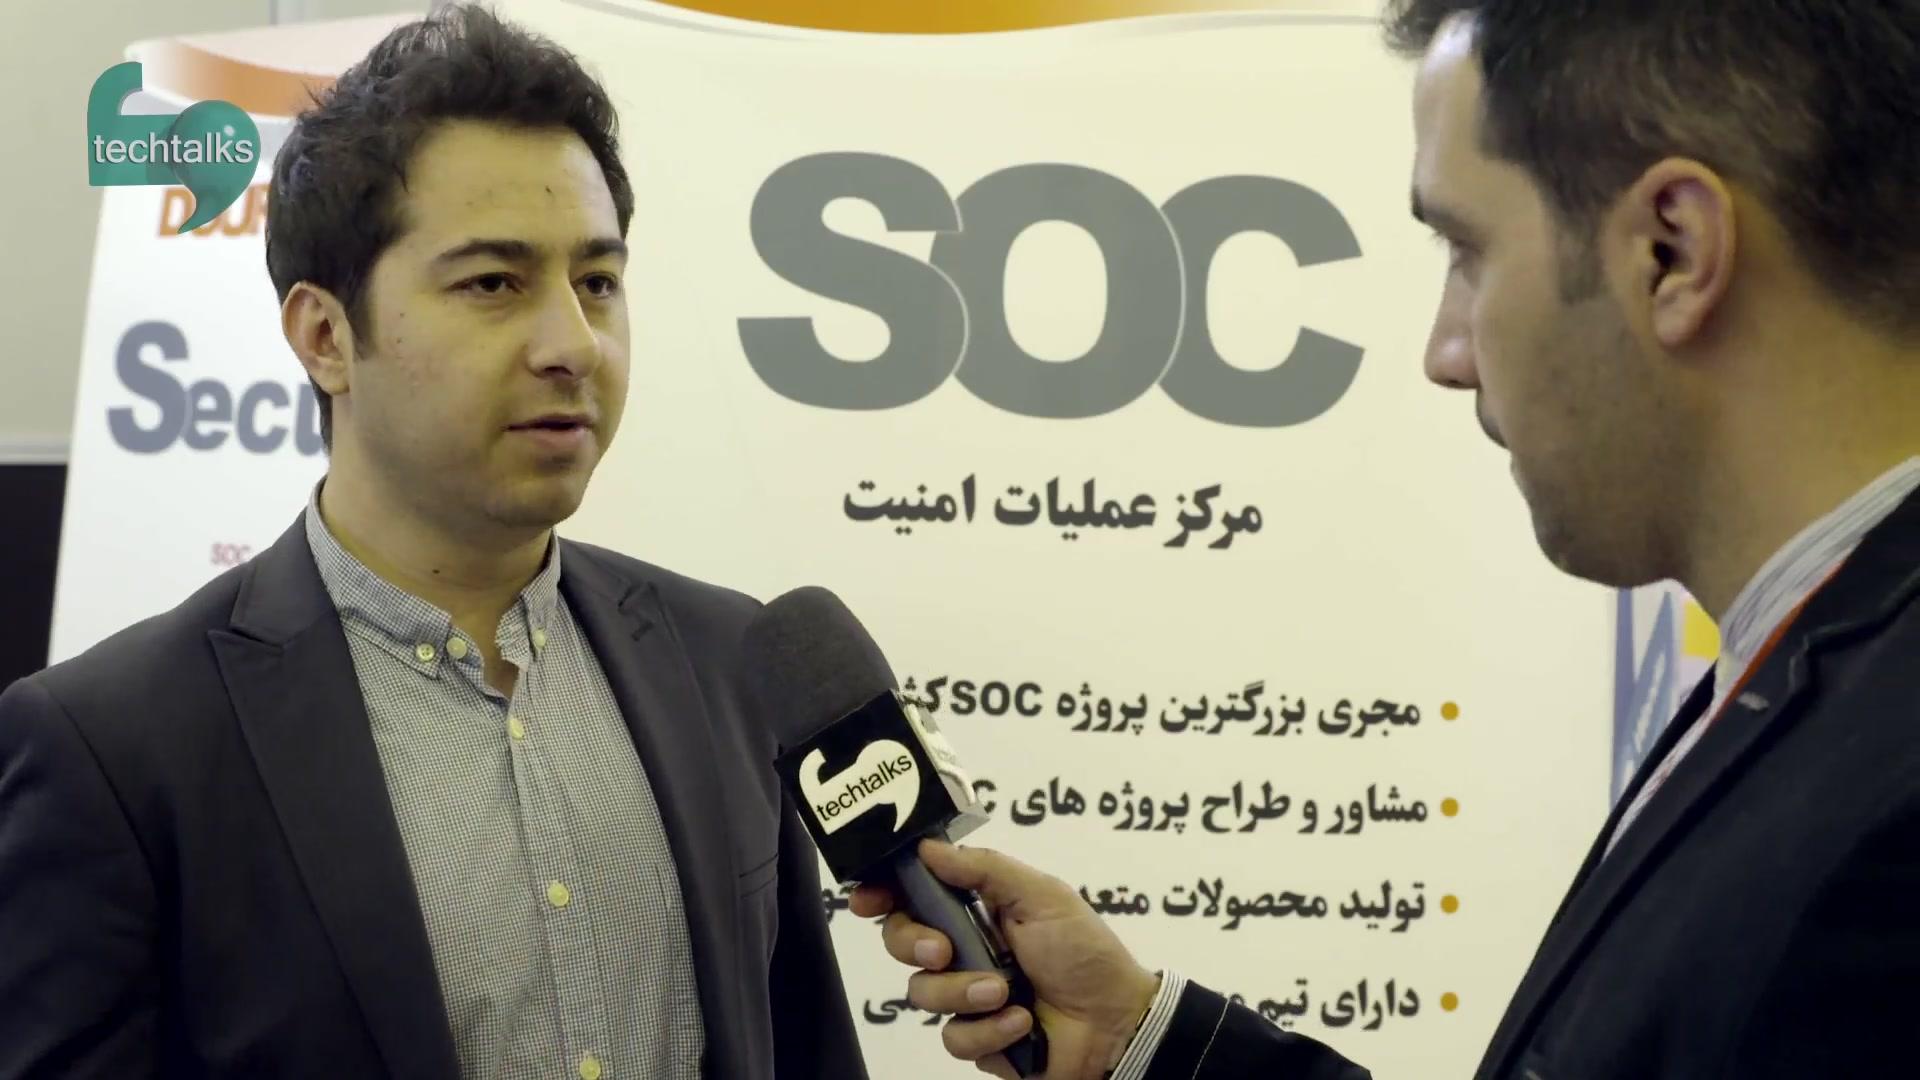 تک تاکس - مصاحبه با علی عبدی - مدیر روابط عمومی دوران - techtalks.ir